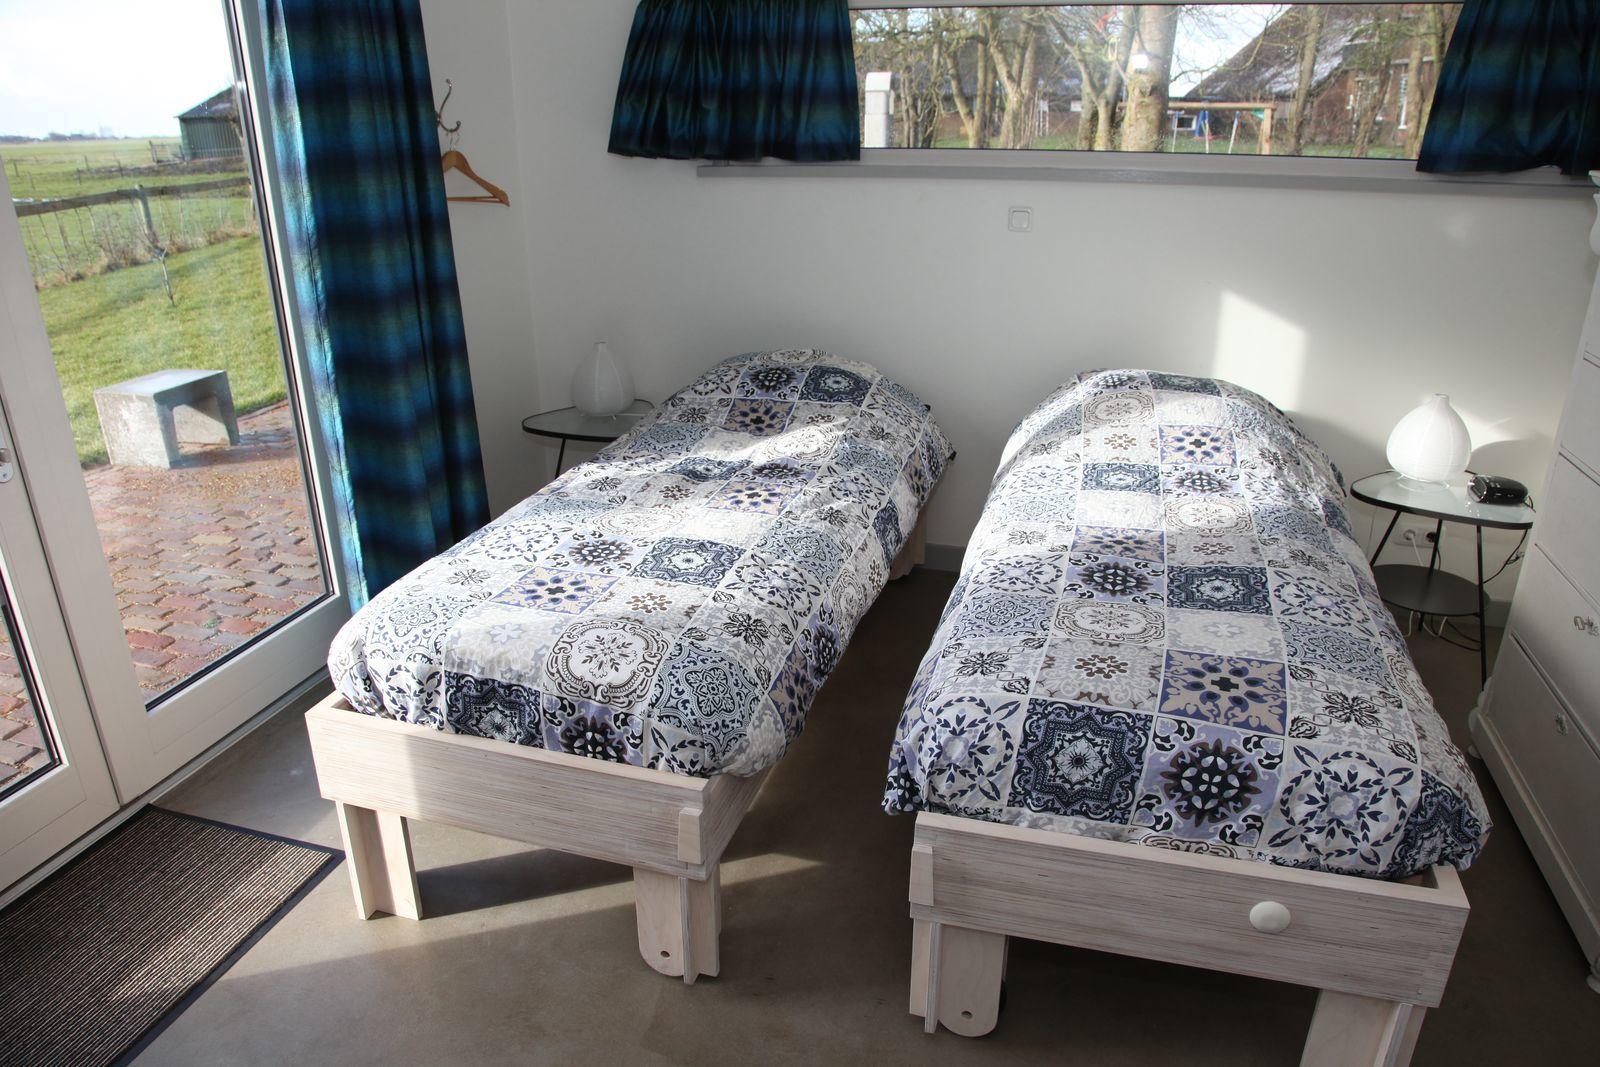 Grutte Tsjerke - rolstoelvriendelijk vakantiehuis in Friesland